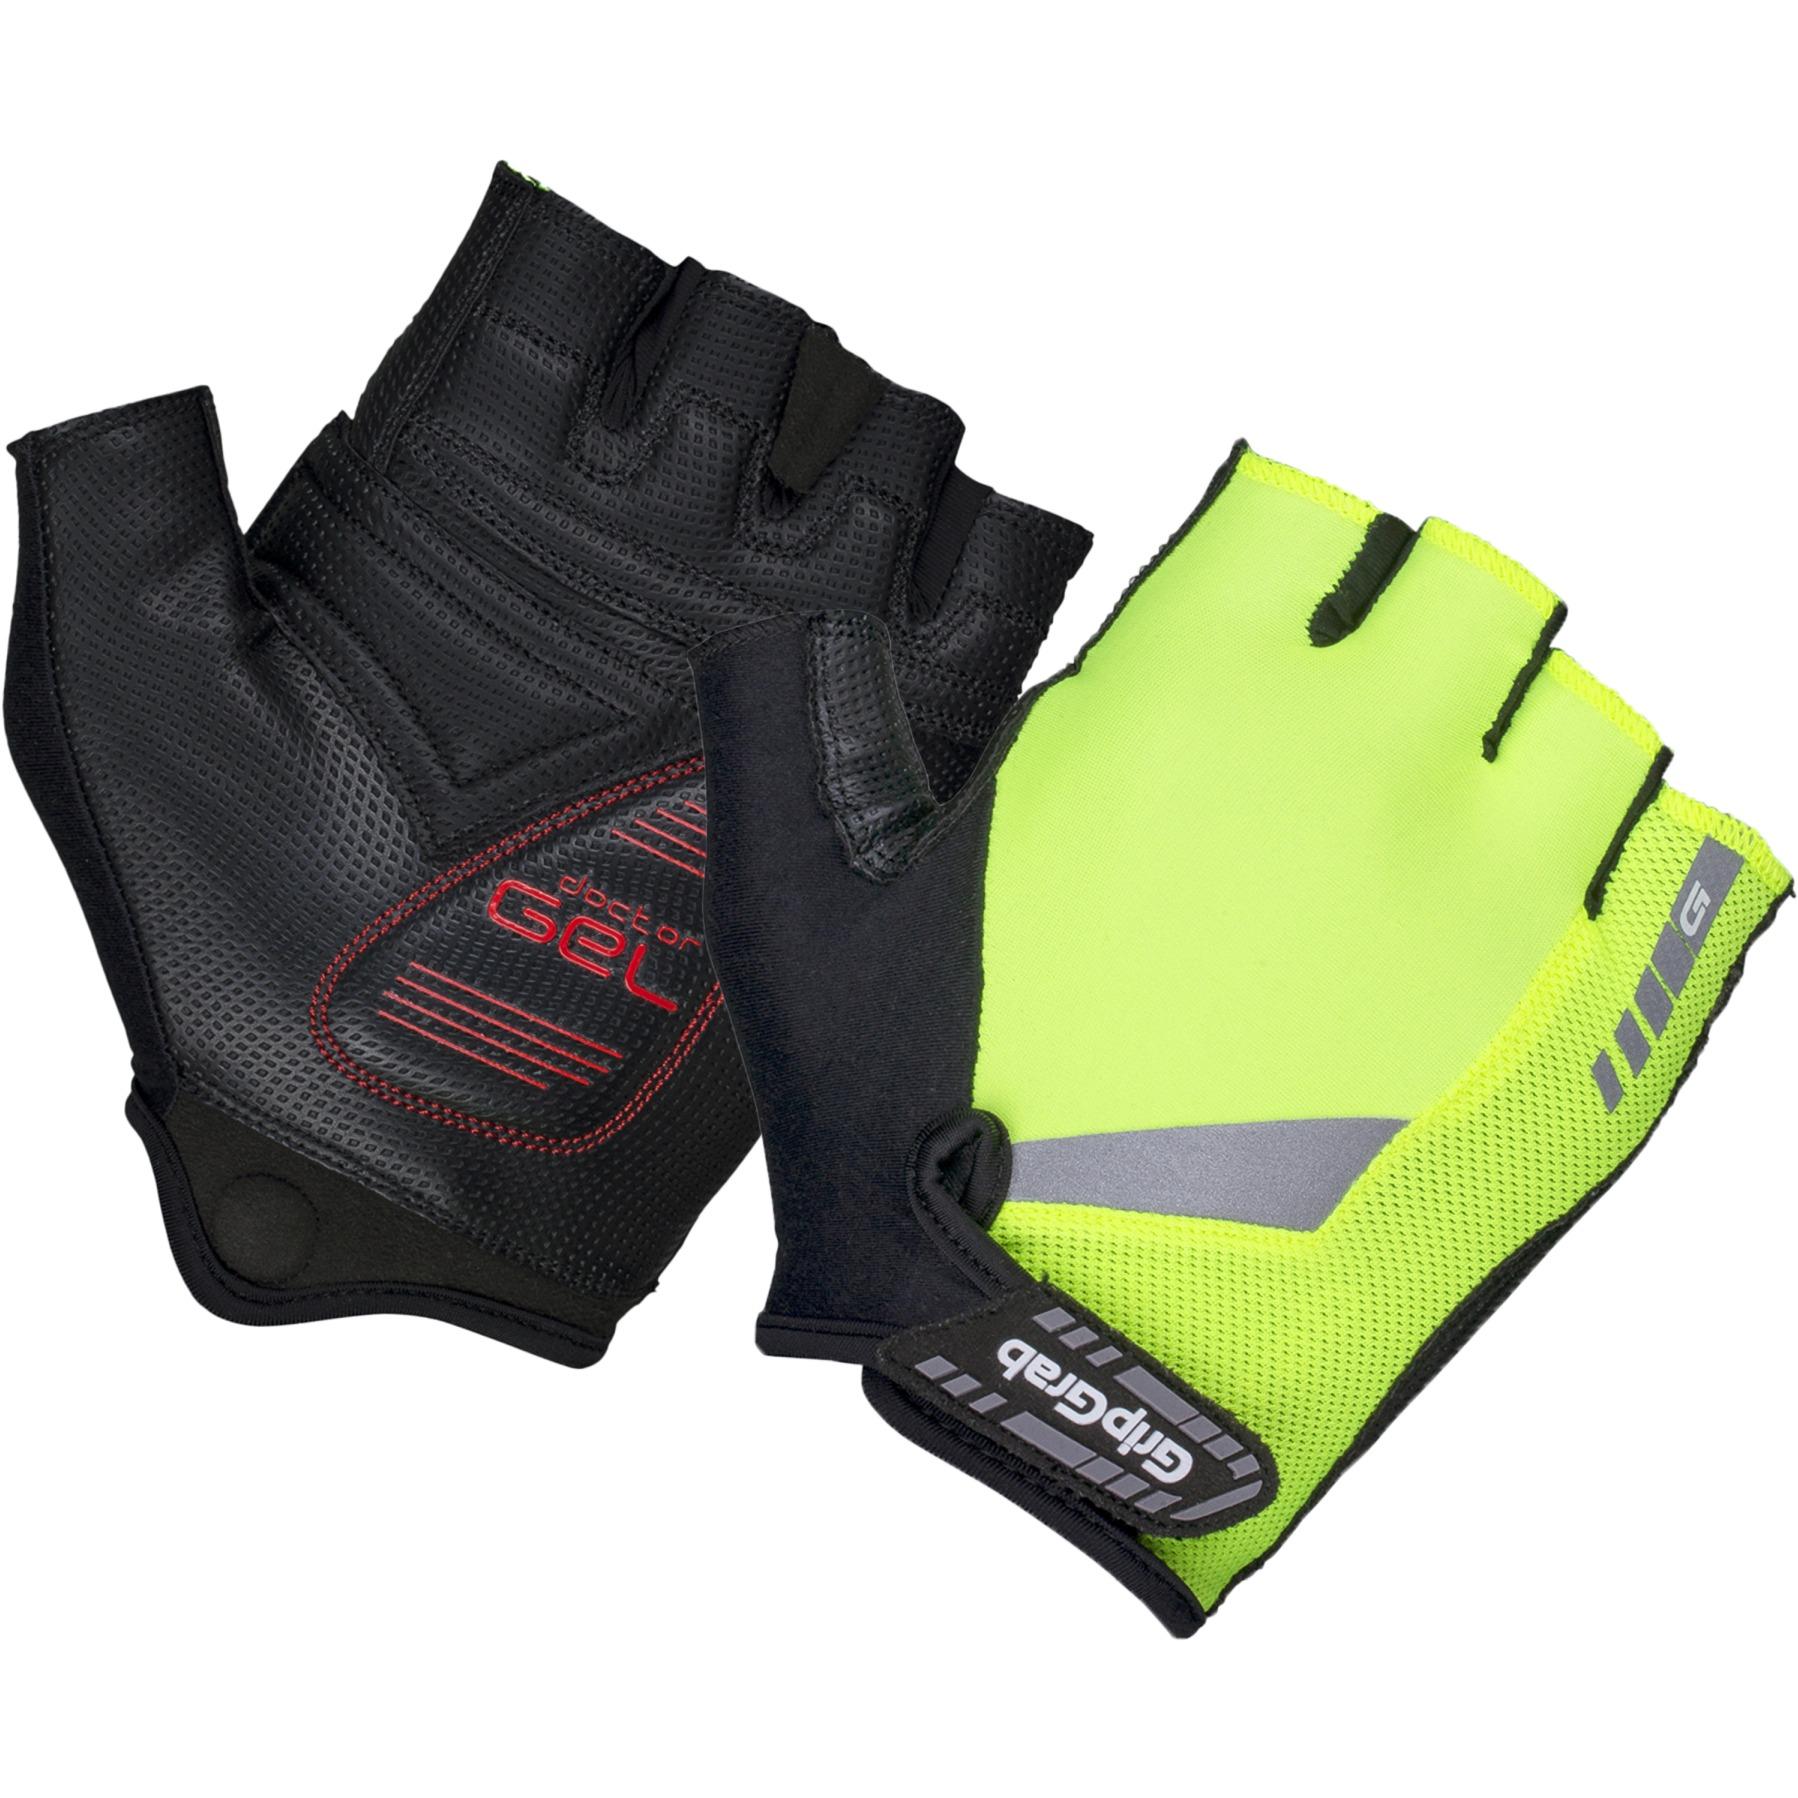 GripGrab ProGel Hi-Vis Padded Short Finger Glove - Yellow Hi-Vis